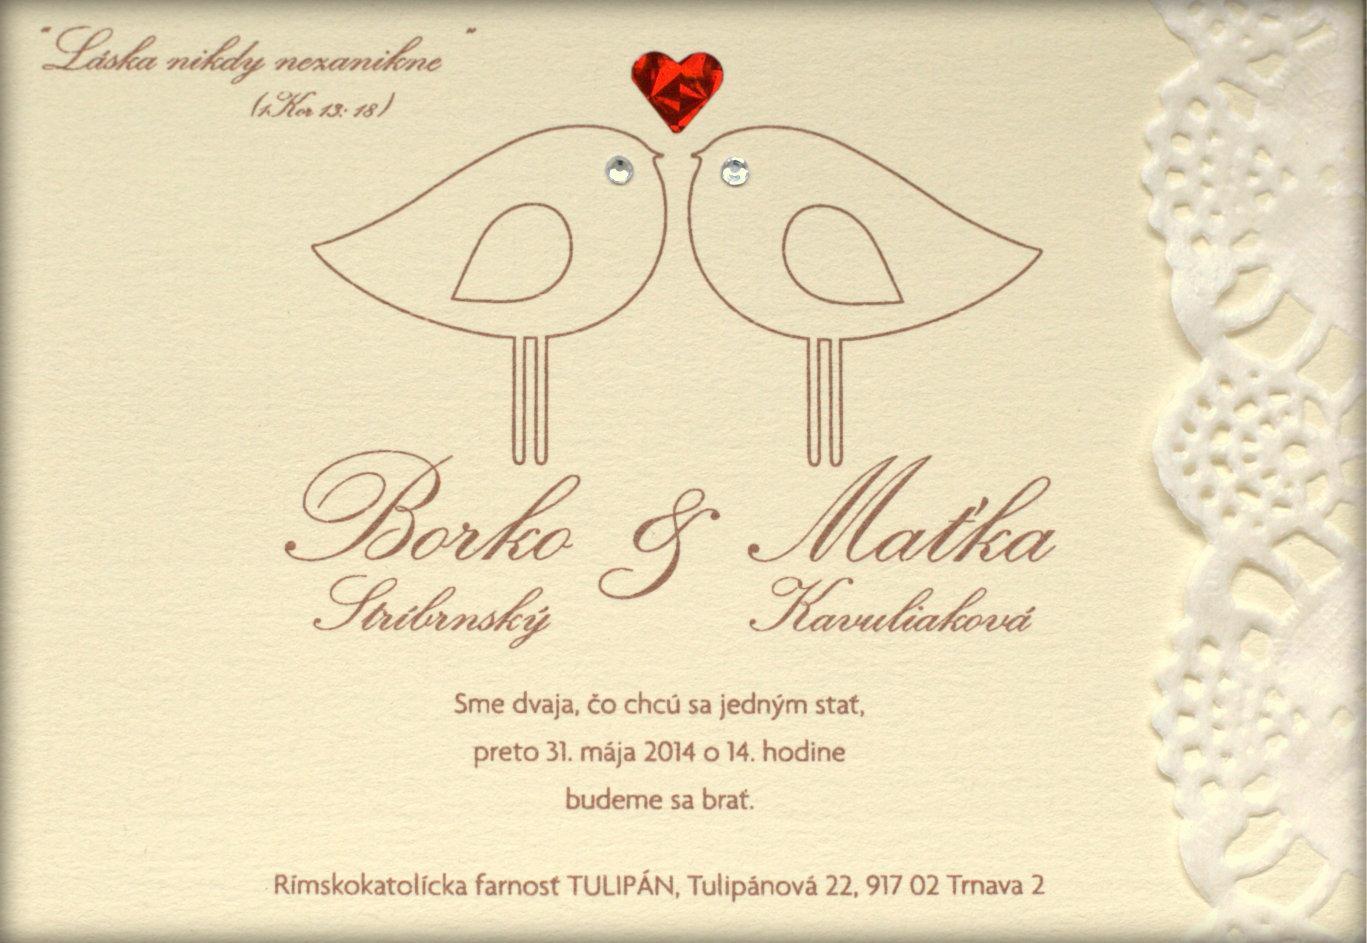 Ako sme si vytvorili našu svadbičku :) - oznámenie sme si sami navrhli, vytvorili i dozdobili...bola to celkom fuška ;)